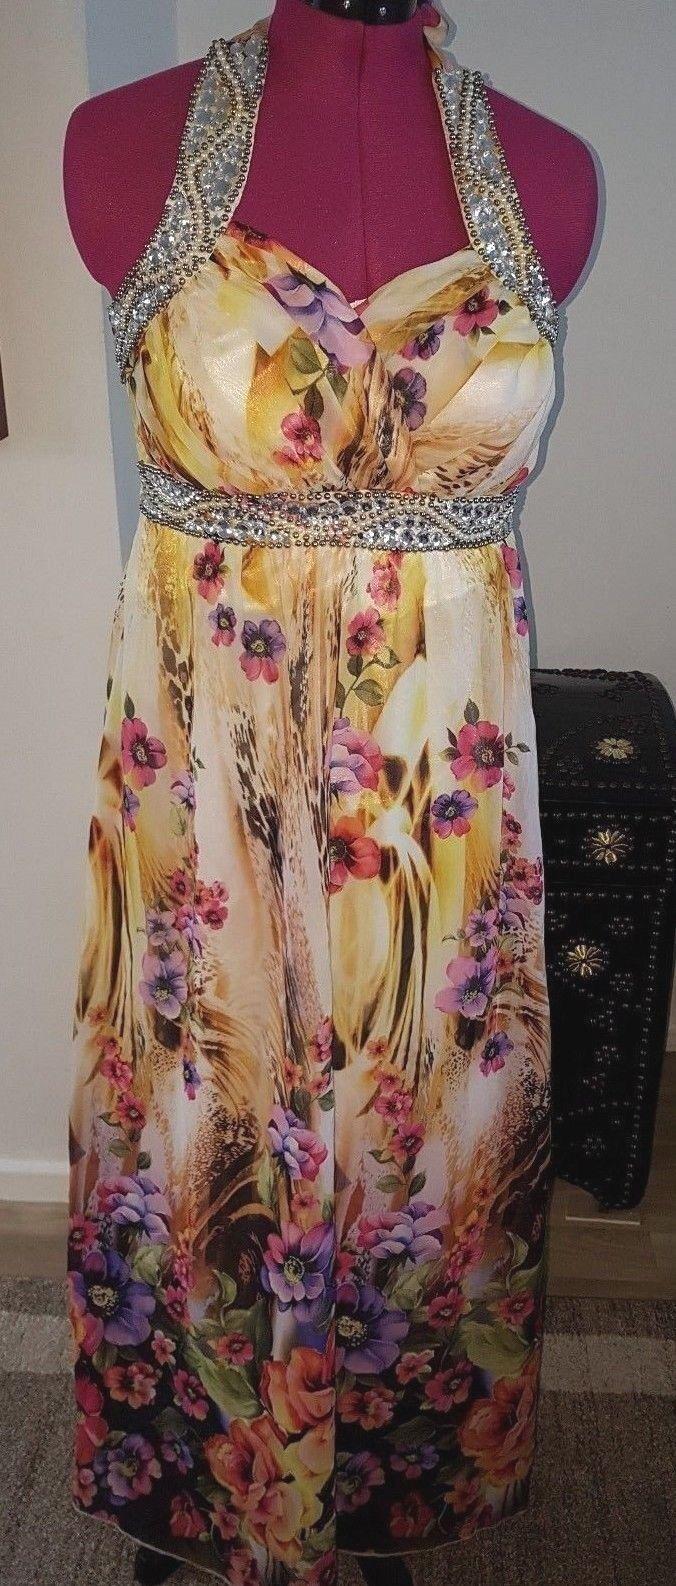 House of Fraser Designer Quiz Spring Summer Dress Dress Dress Quiz GB Size 14 Eur 42 77c0a1